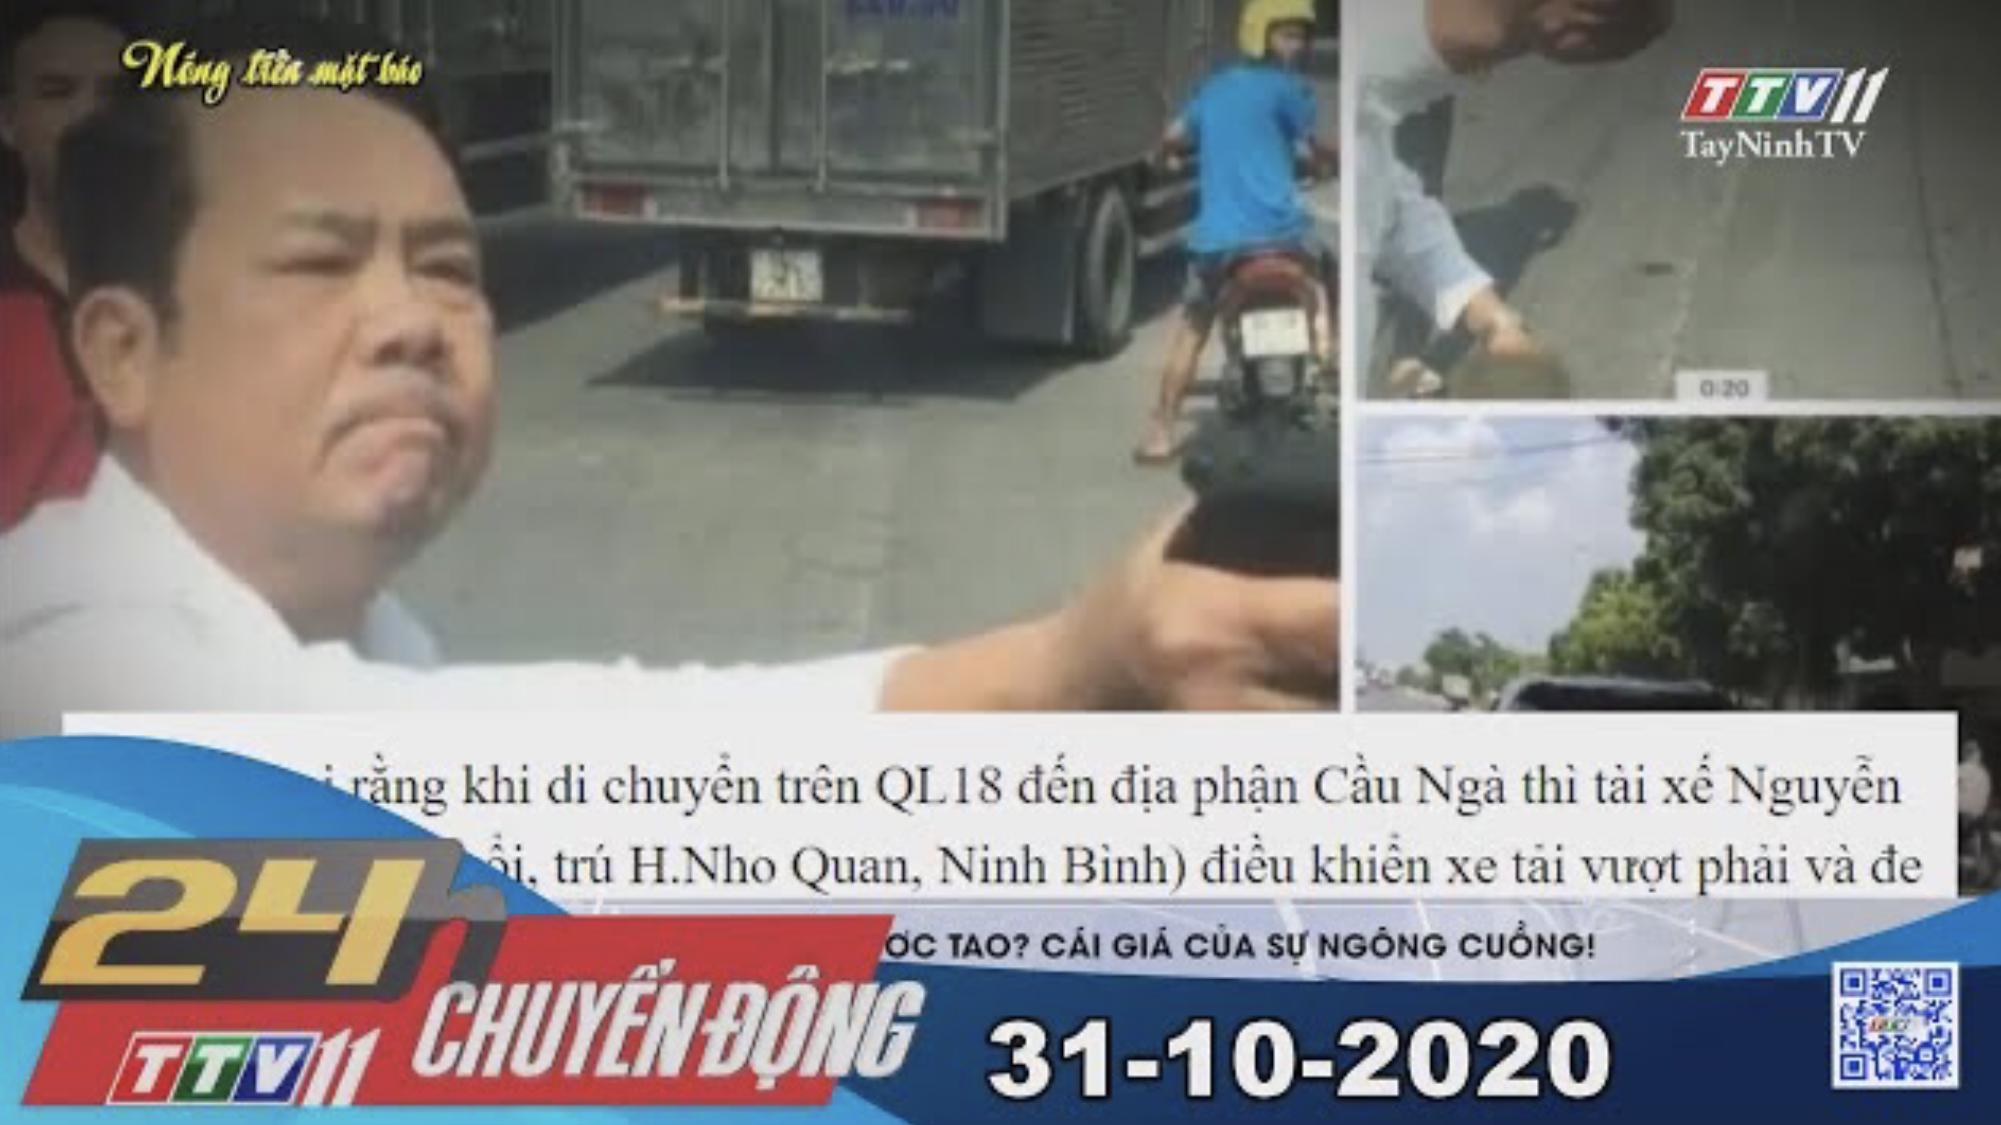 24h Chuyển động 31-10-2020 | Tin tức hôm nay | TayNinhTV